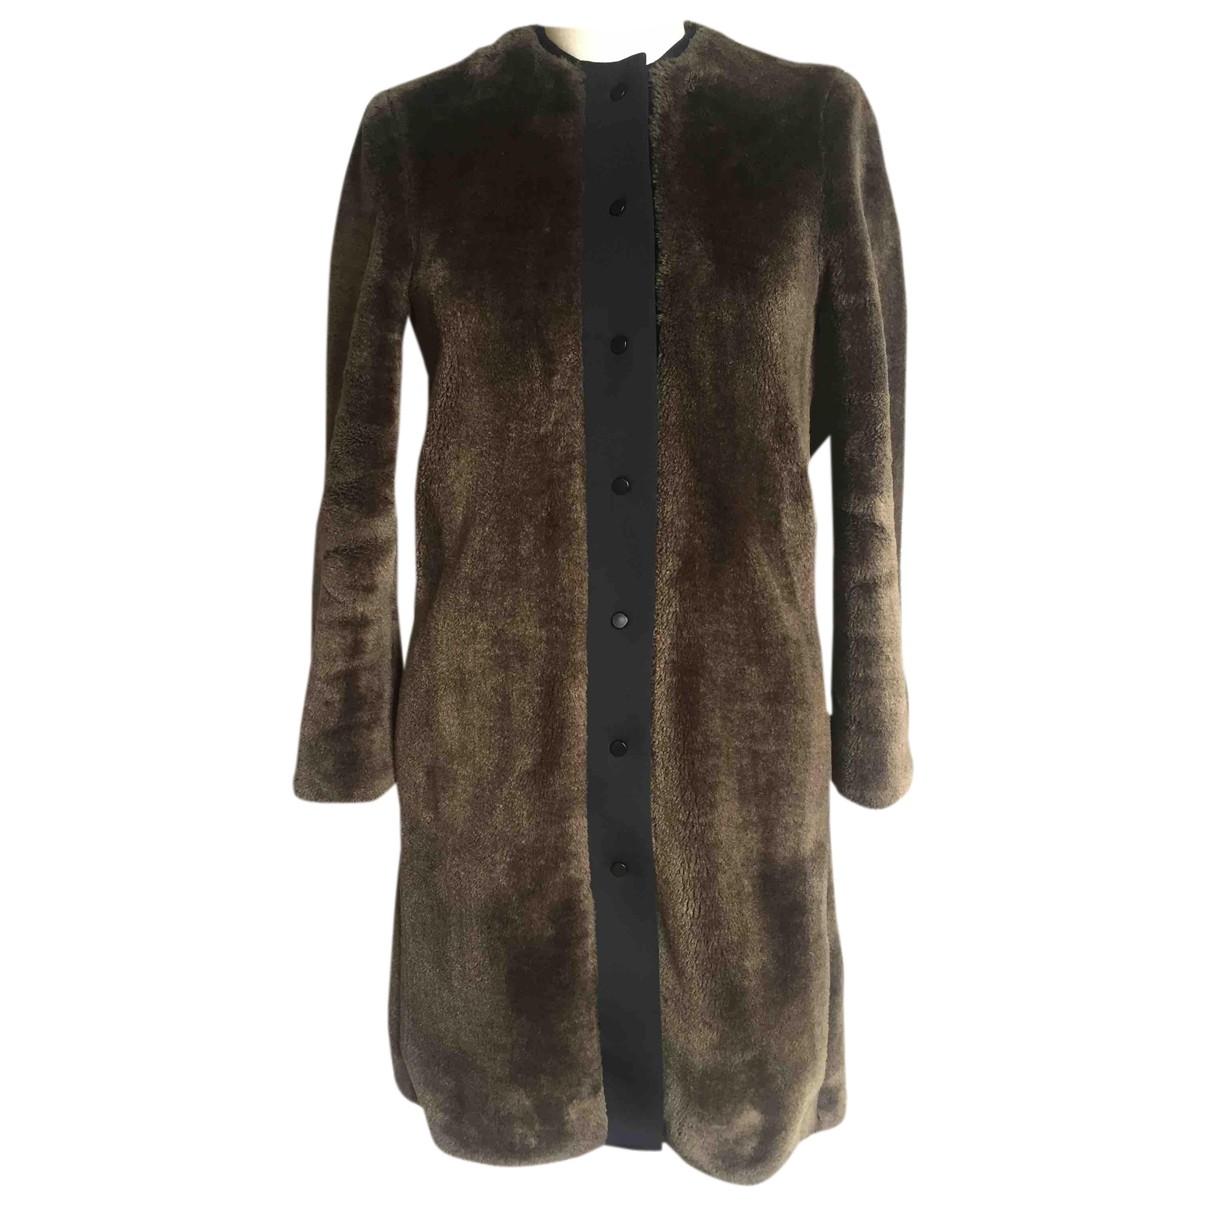 Bimba Y Lola - Manteau   pour femme en fourrure synthetique - marron